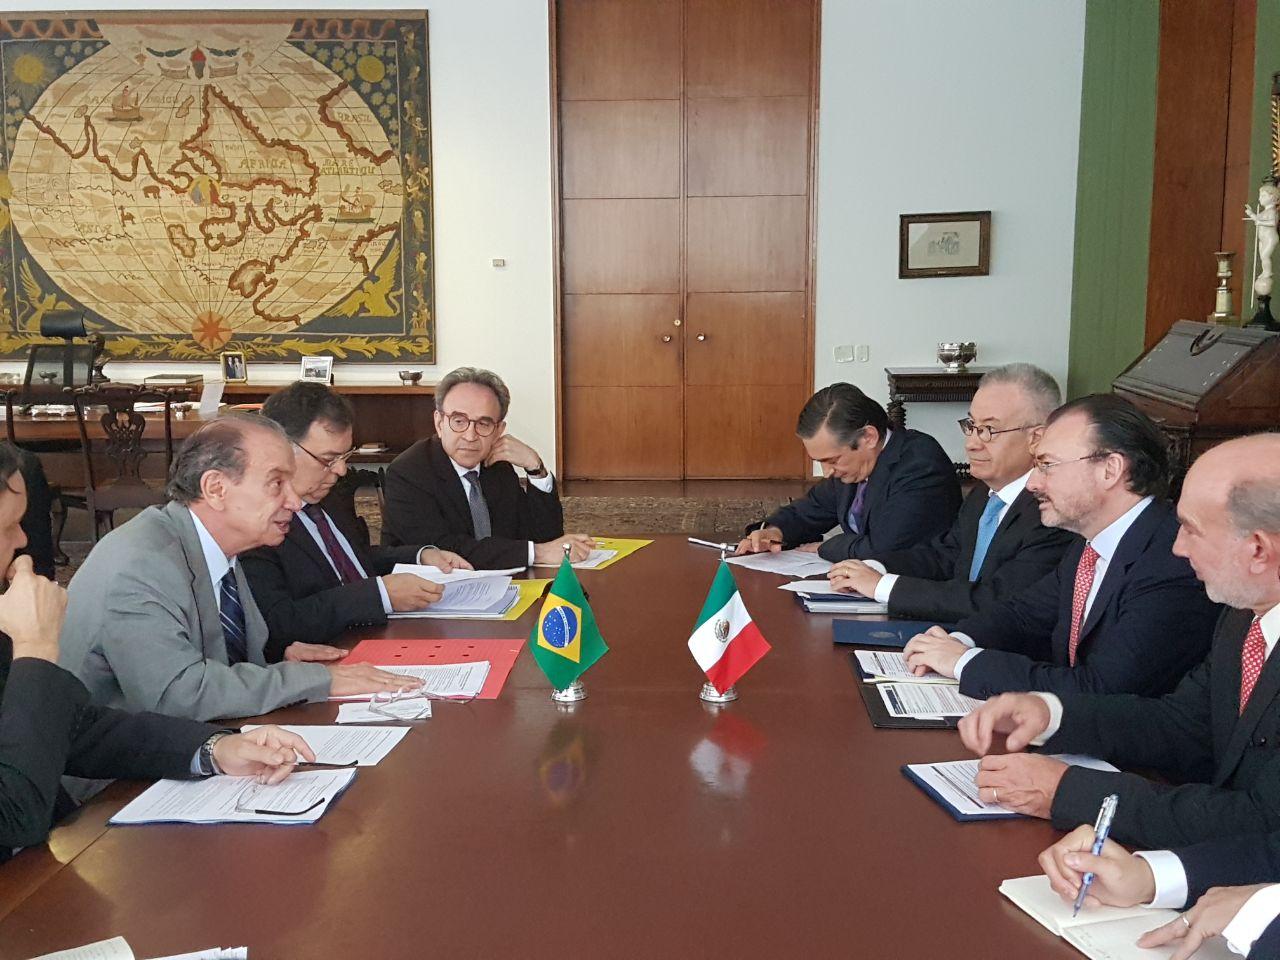 El Secretario de Relaciones Exteriores, Luis Videgaray Caso con el Canciller Aloysio Nunes